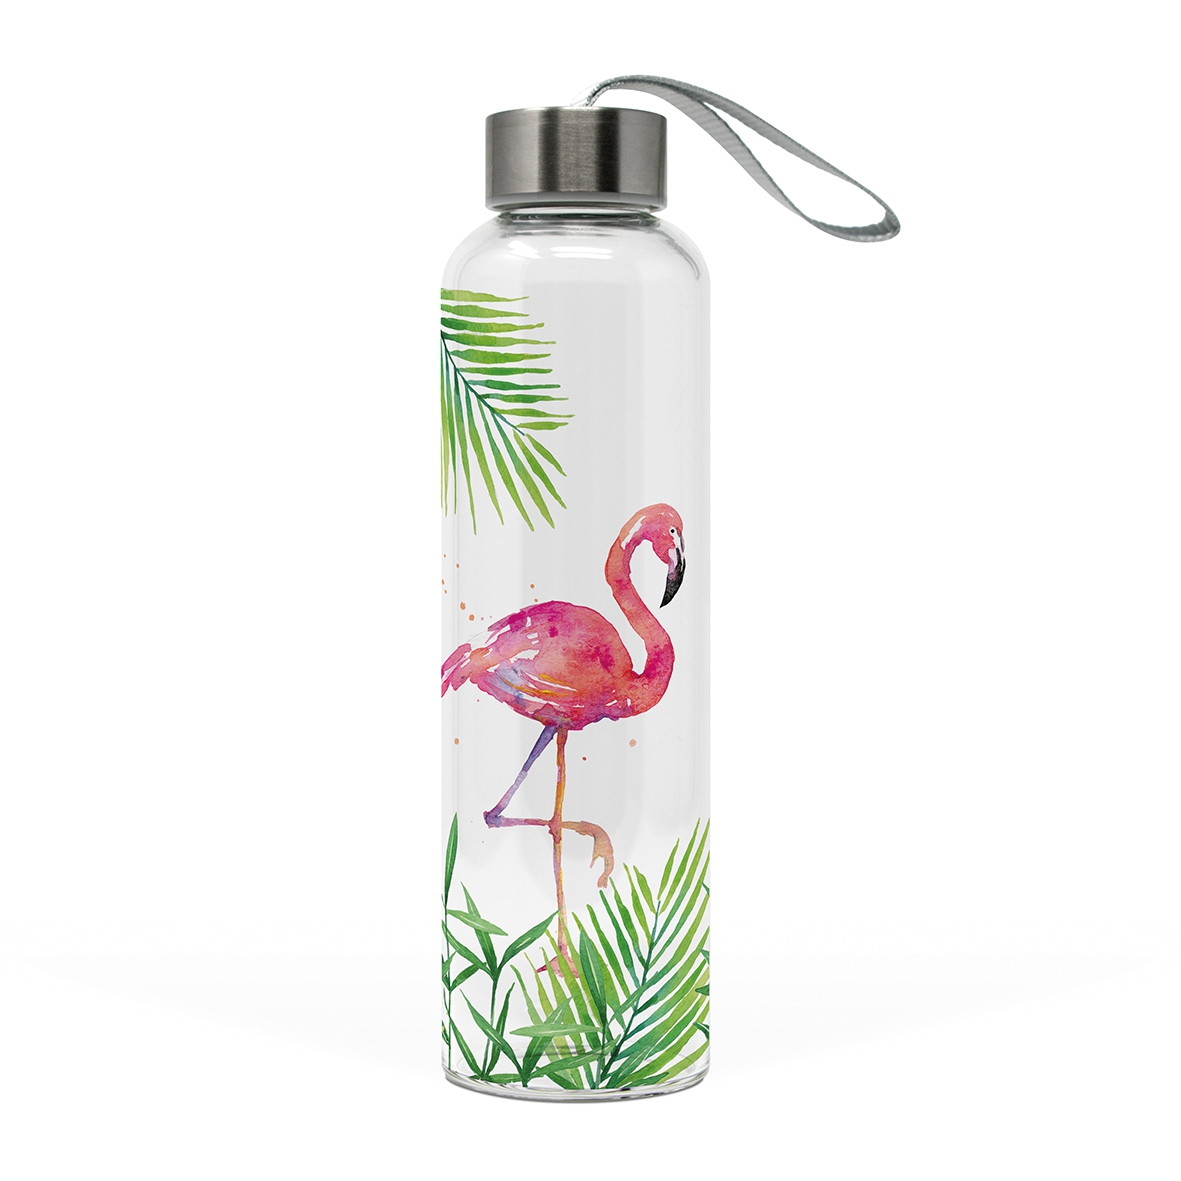 Glasflasche - Tropischer Flamingo